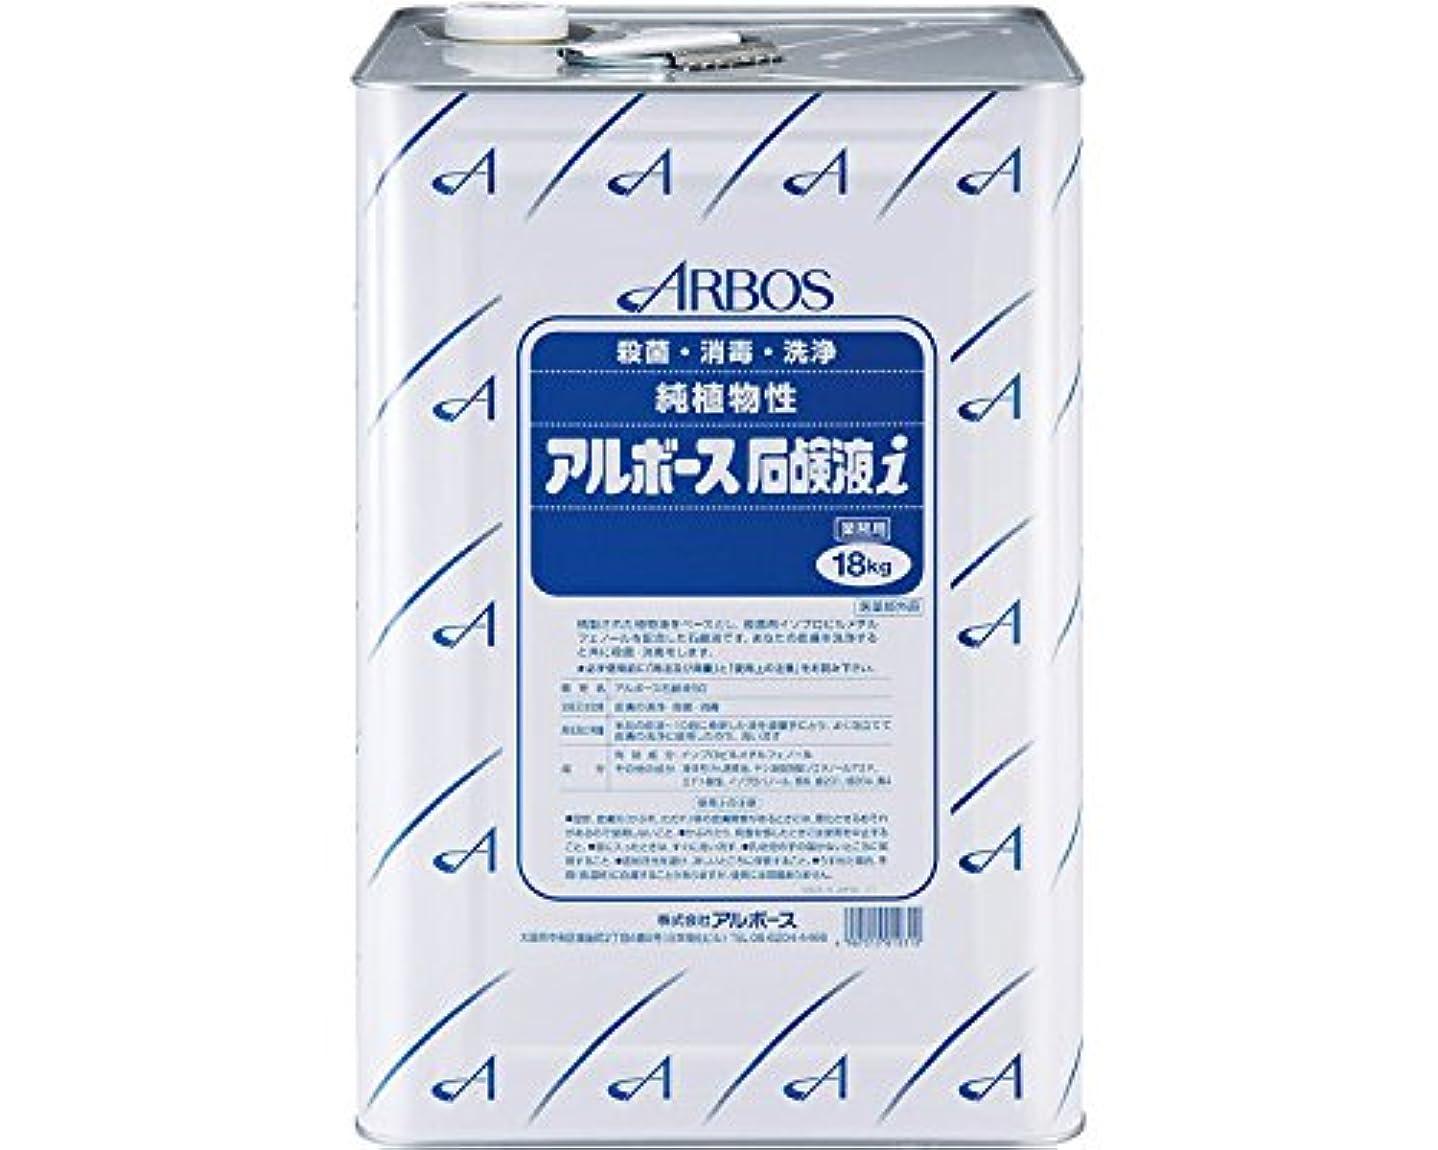 敵意敵意大使アルボース石鹸液i 18kg (アルボース)